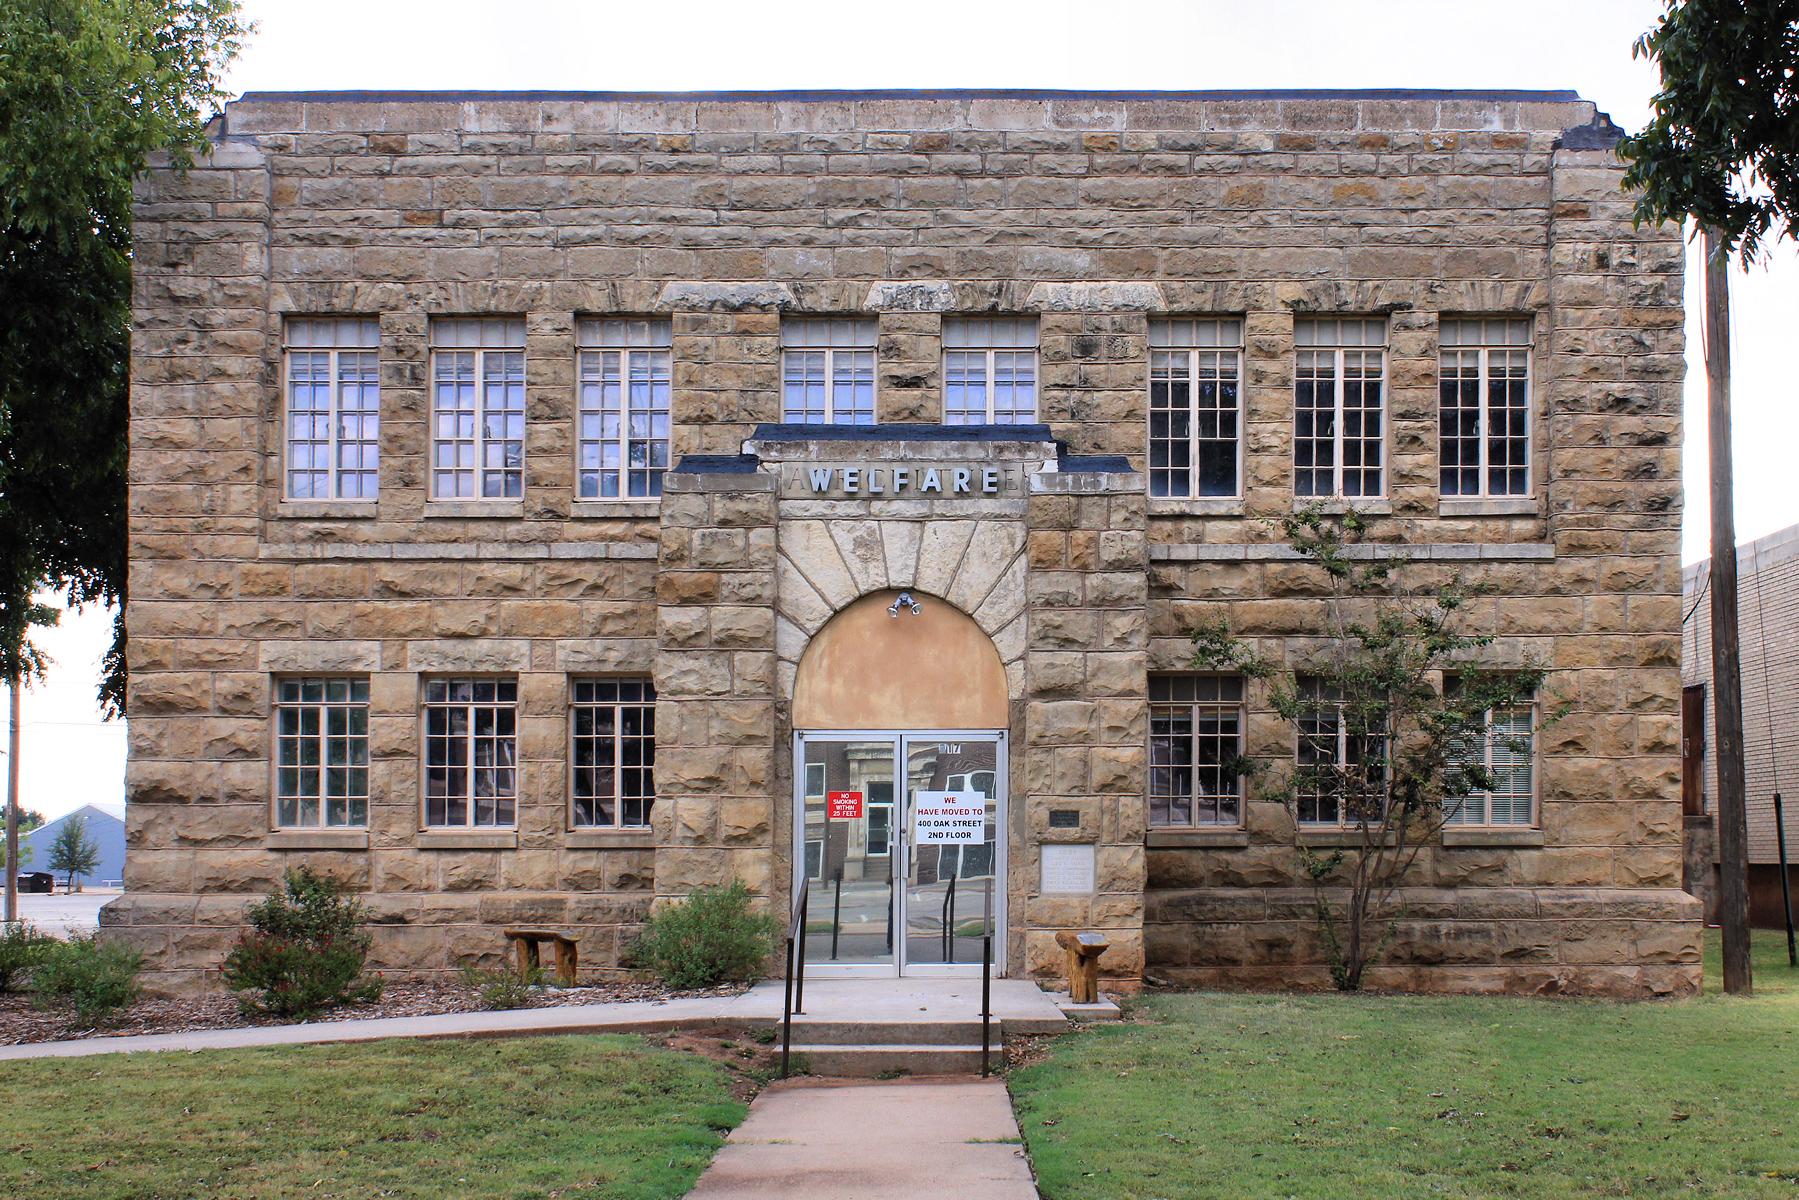 Taylor County Welfare Office - Abilene TX - Living New Deal